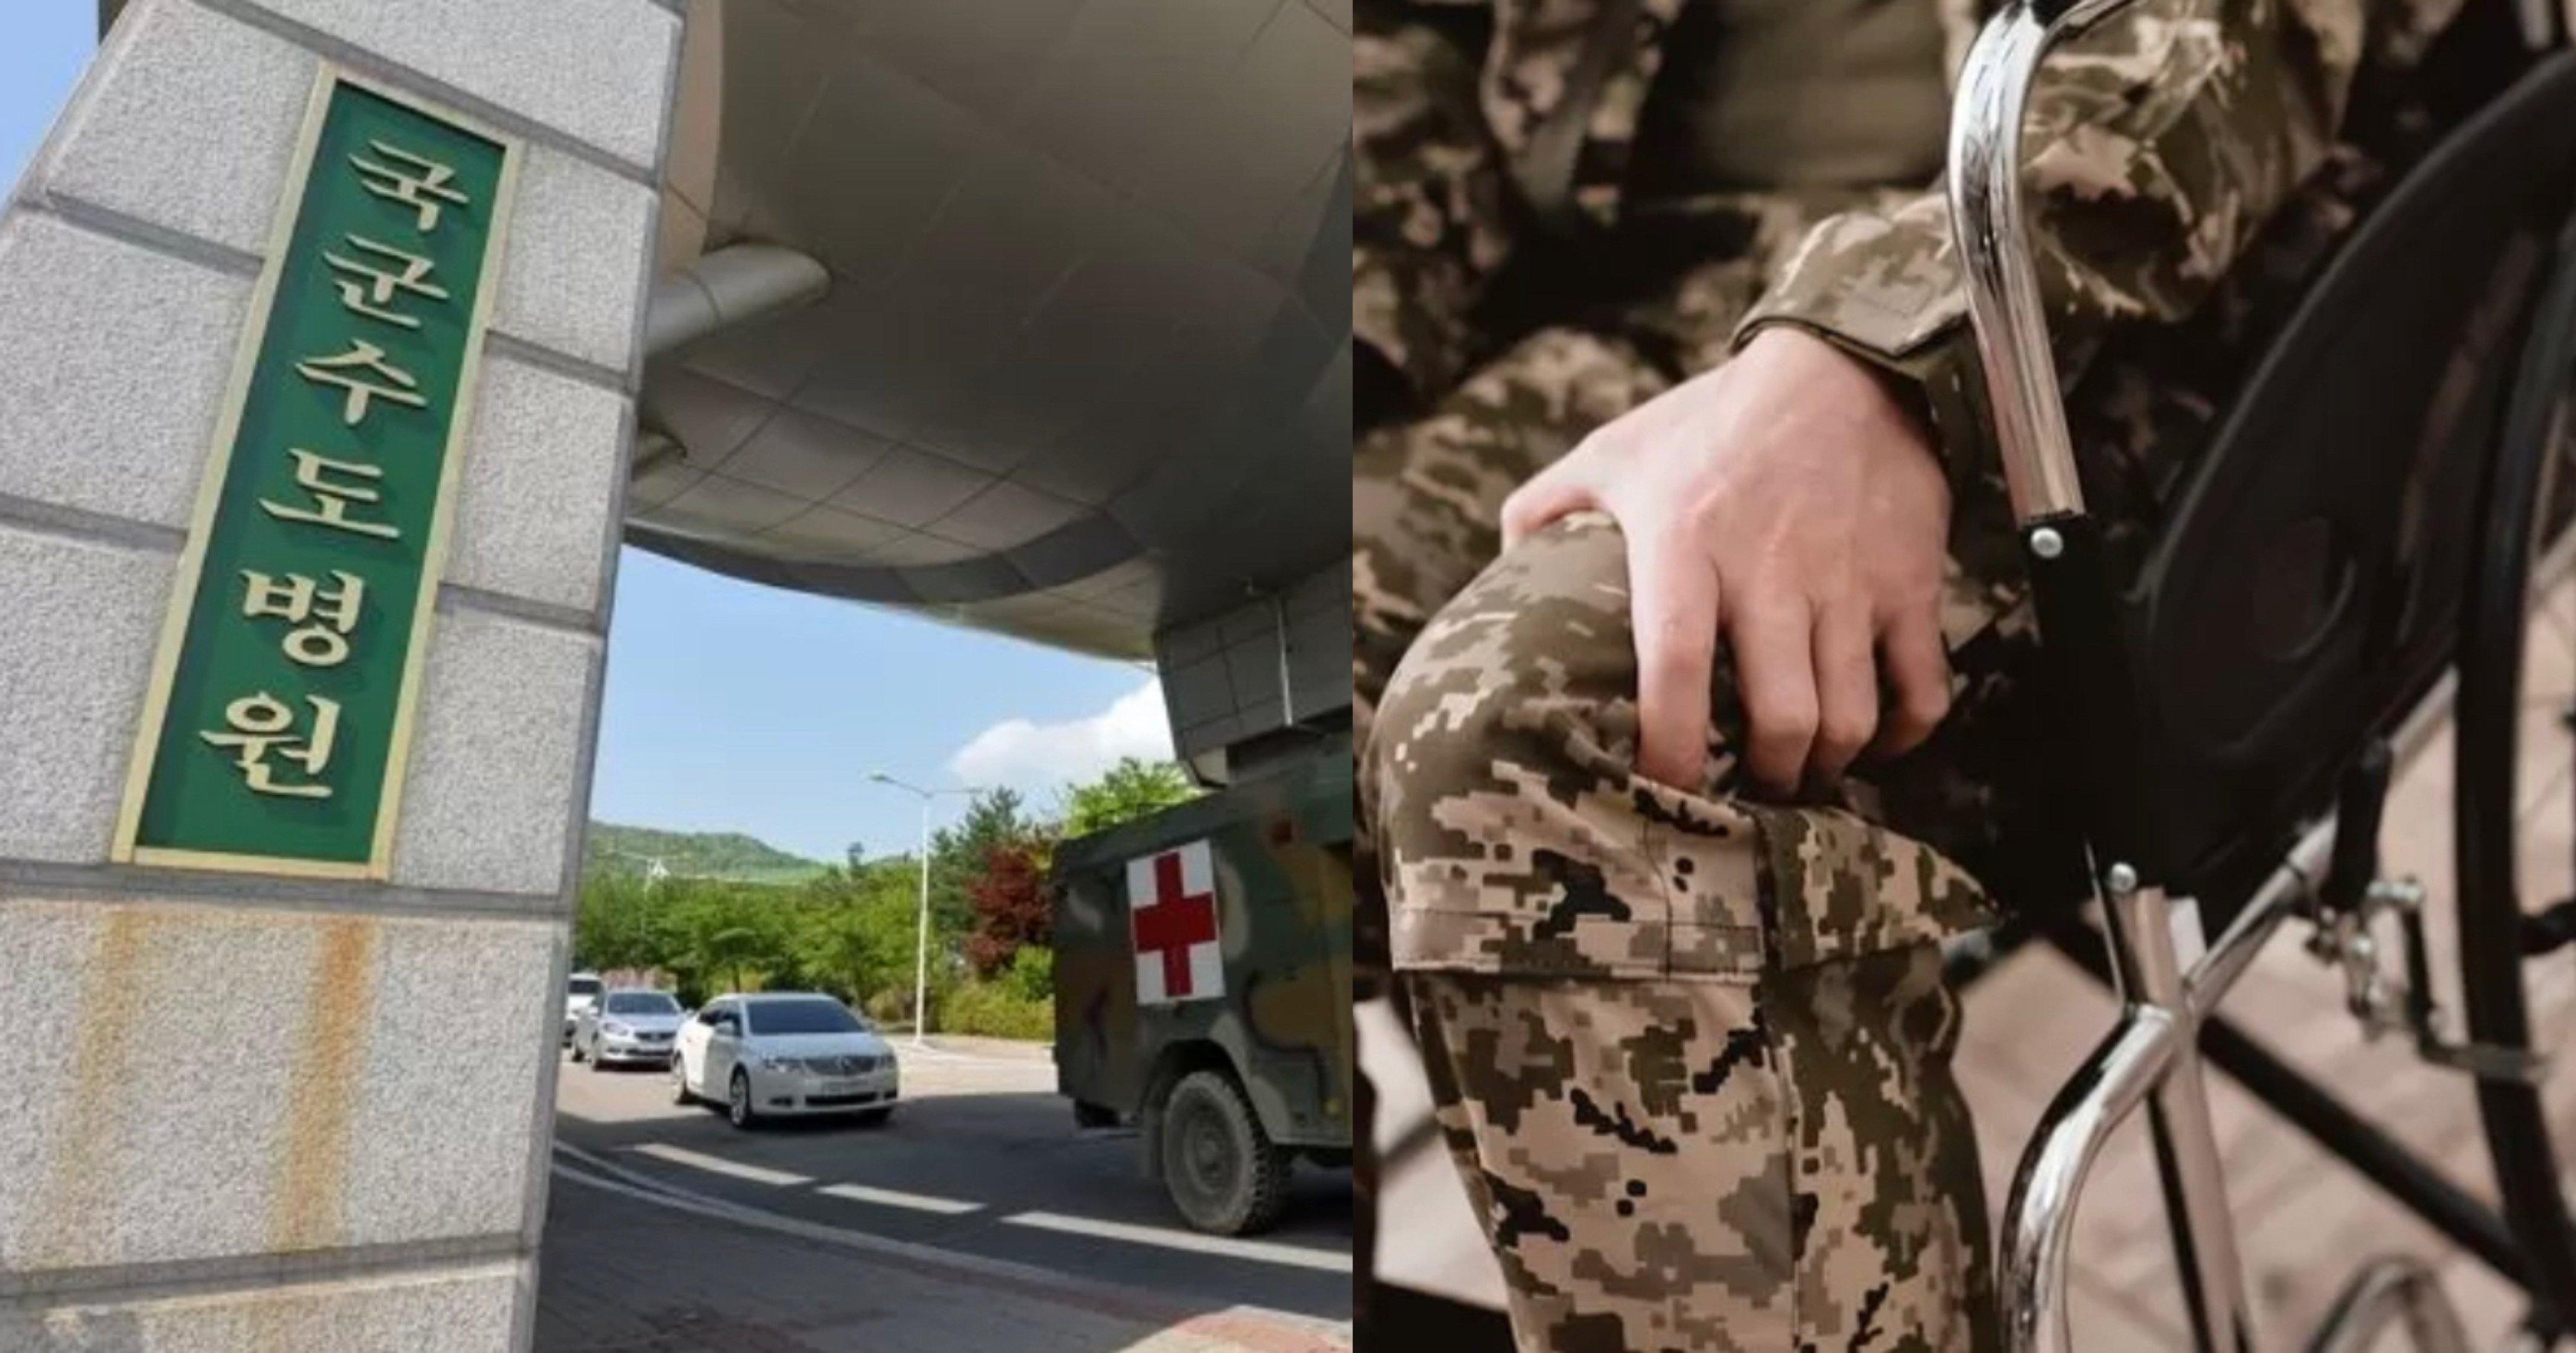 """4ef57f9a 7613 4c13 ba9e e90bc7b36c4d.jpeg?resize=412,232 - """"이걸 쓴다고..?""""병사들 진료하는데 사용기간 10년 넘은 의료장비 사용하고 있다는 군 병원"""